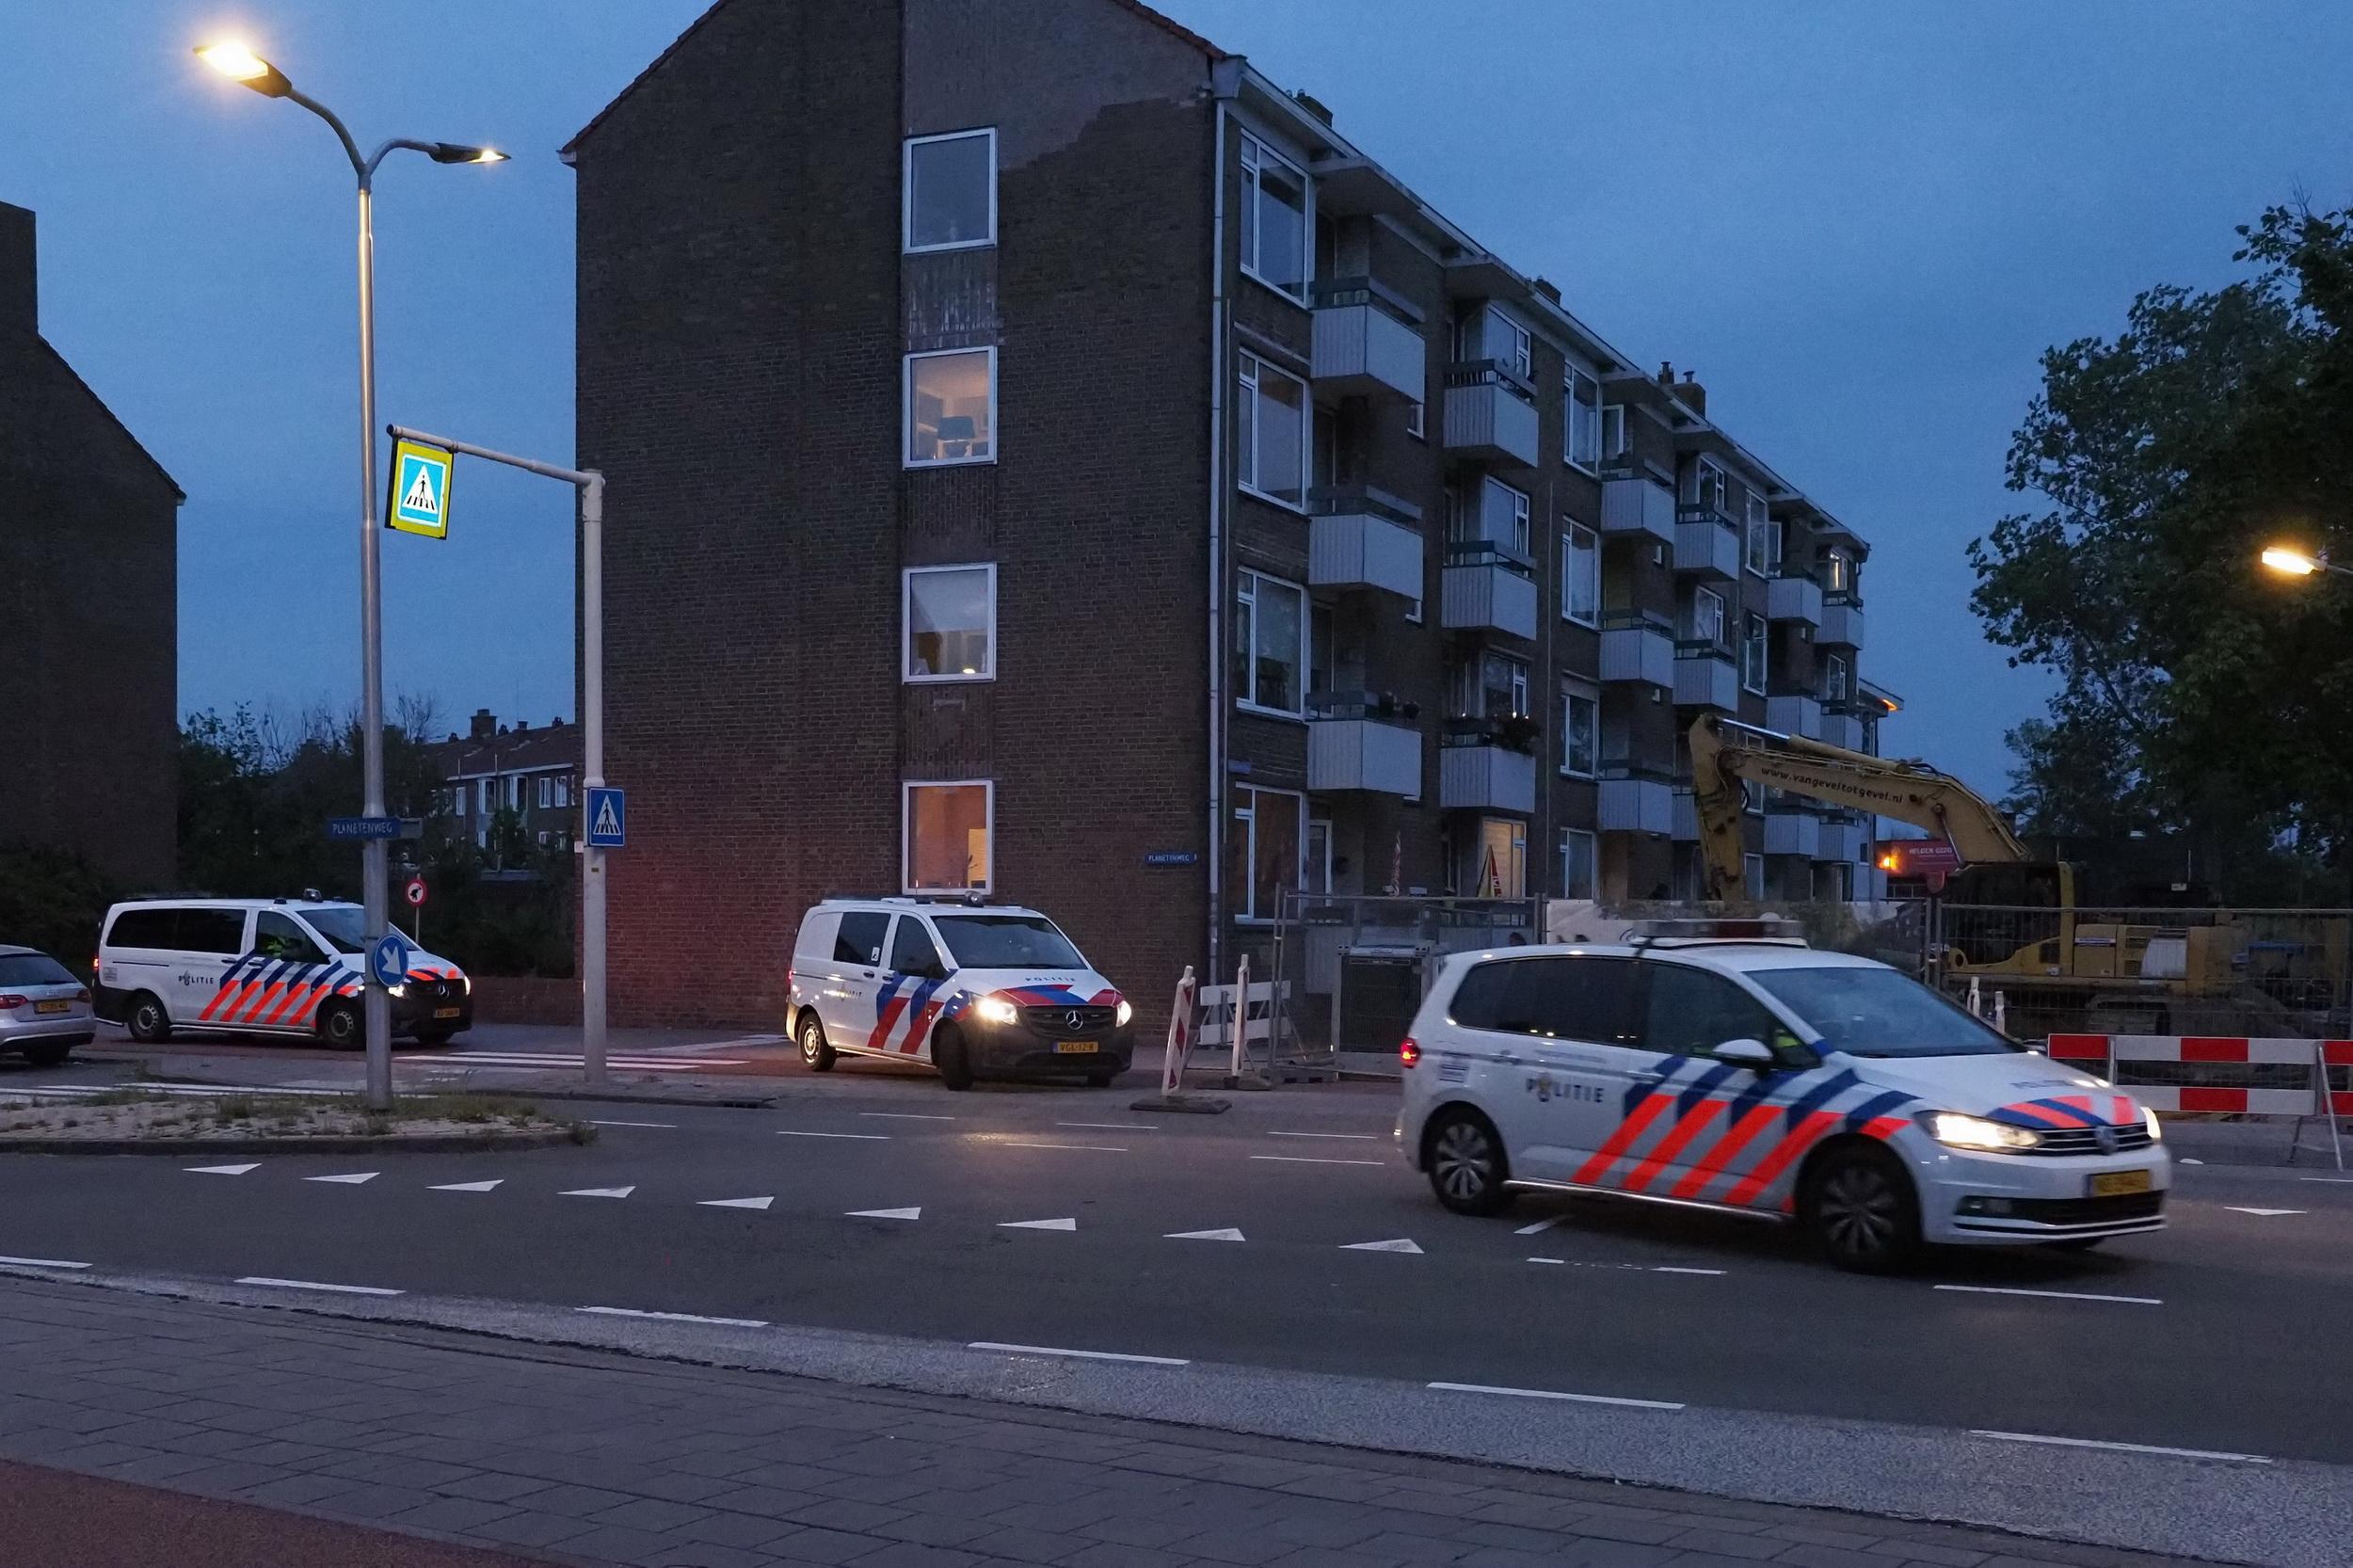 36-jarige man mishandeld door meerdere daders in IJmuiden, twee verdachten aangehouden